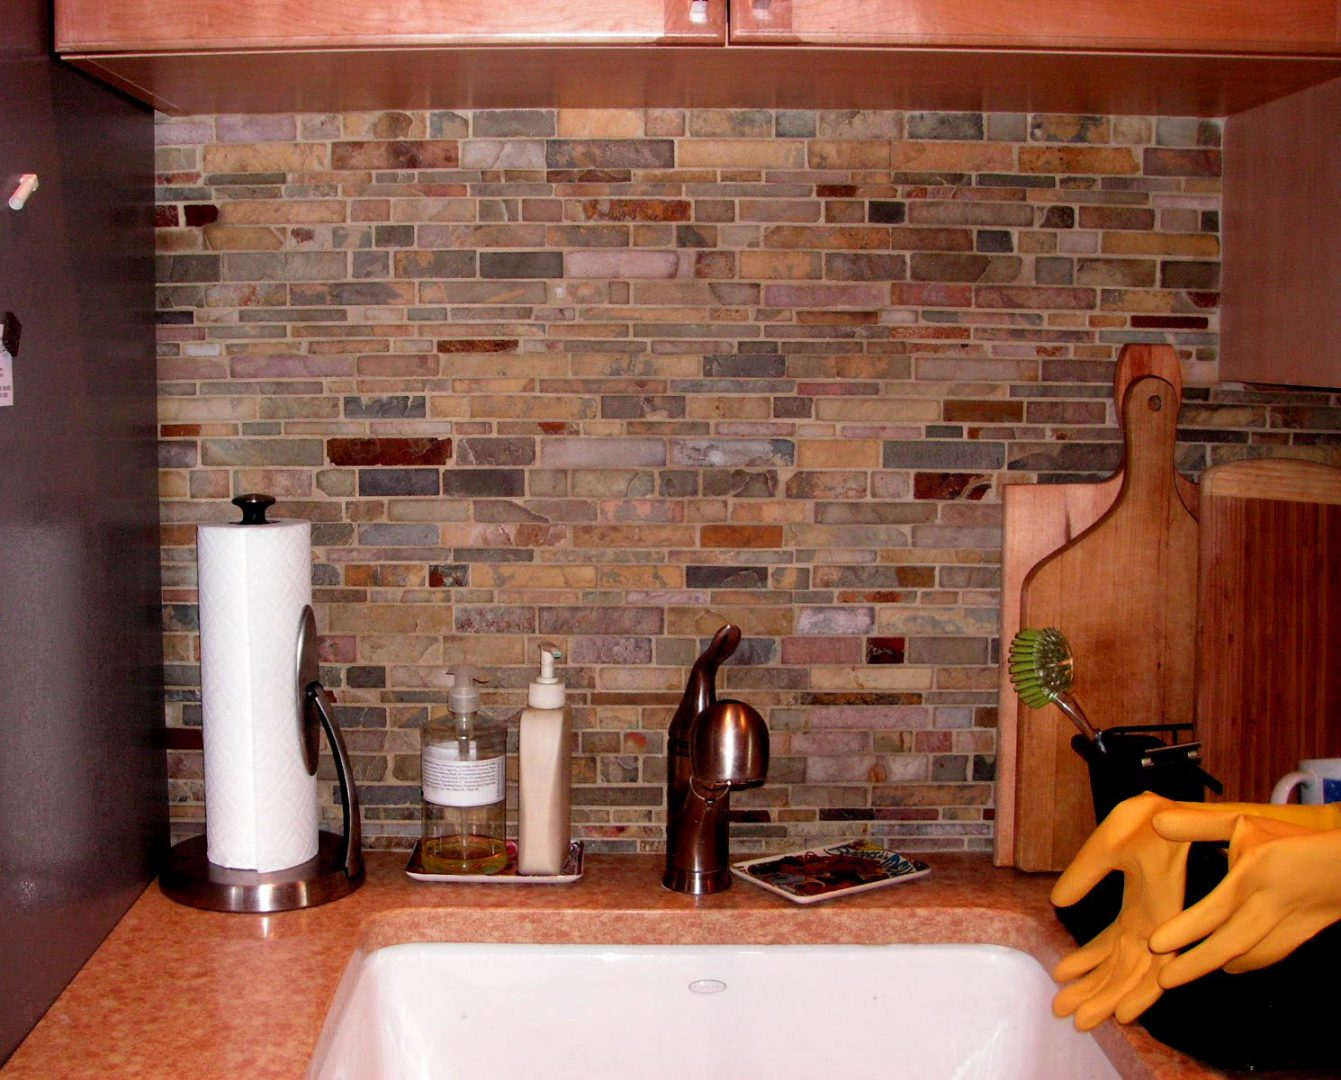 Galer a de im genes revestimientos para la pared de la cocina - Imagenes para paredes ...